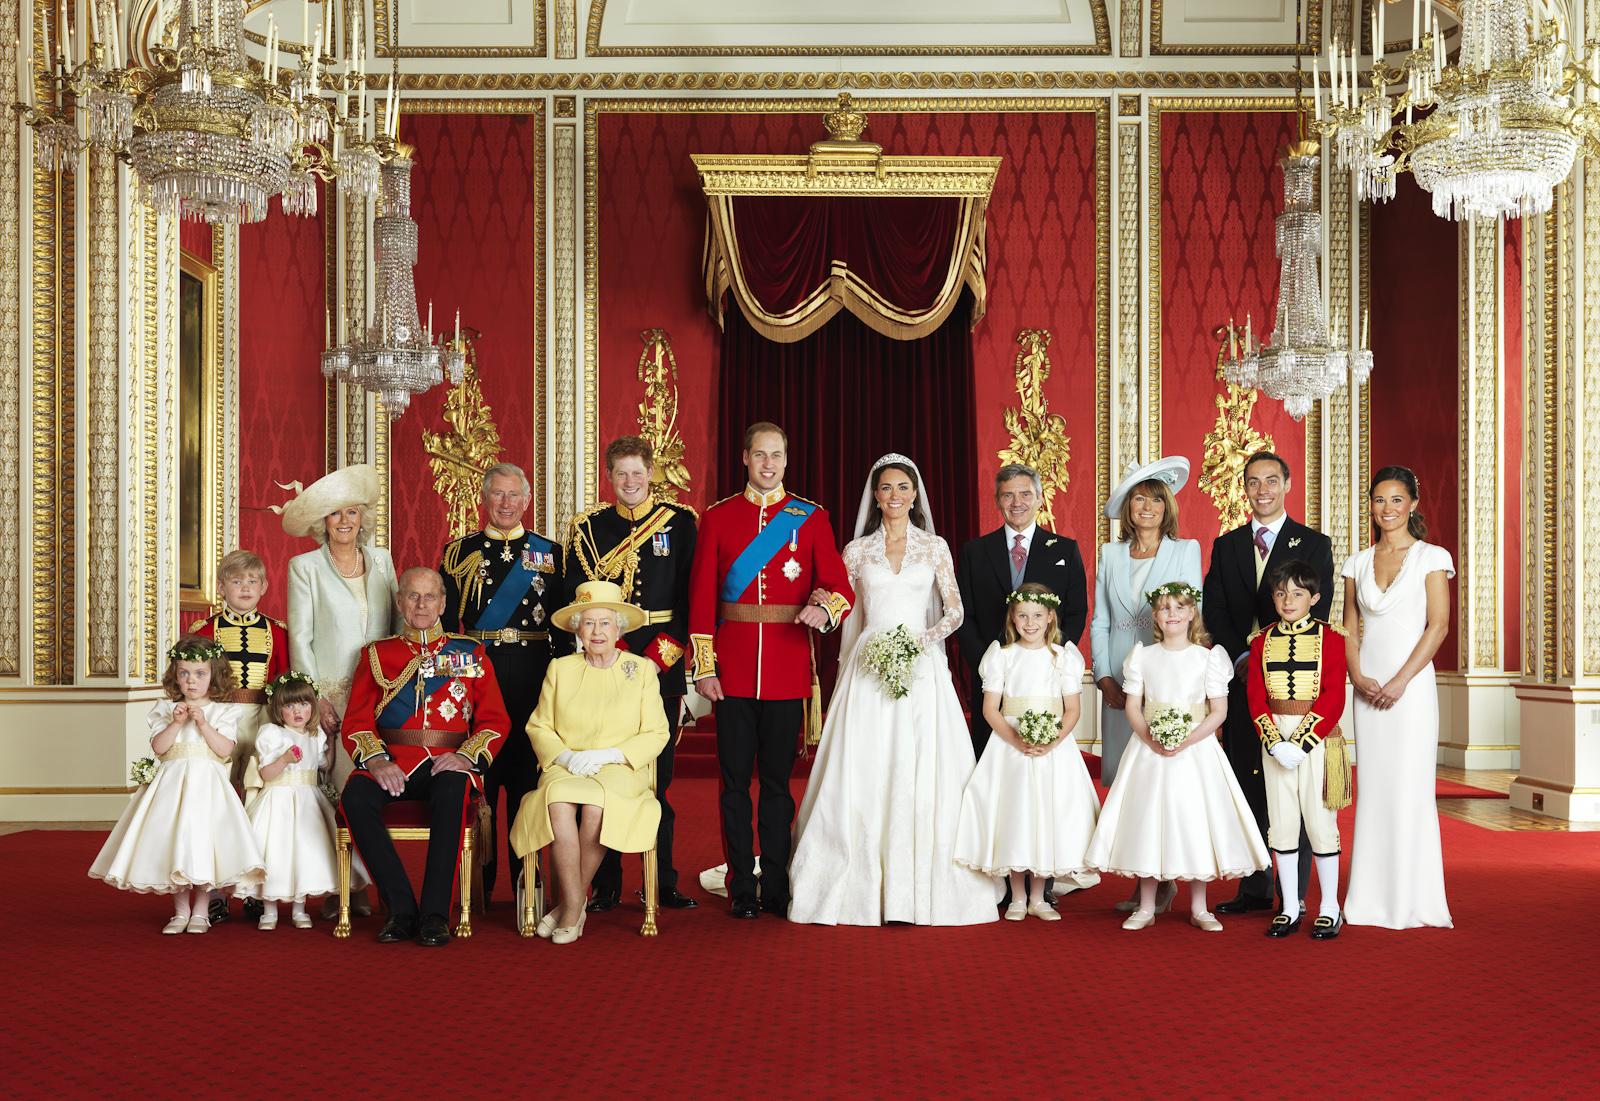 Ảnh chụp từ đám cưới của hoàng tử William và công nương Kate Middleton.